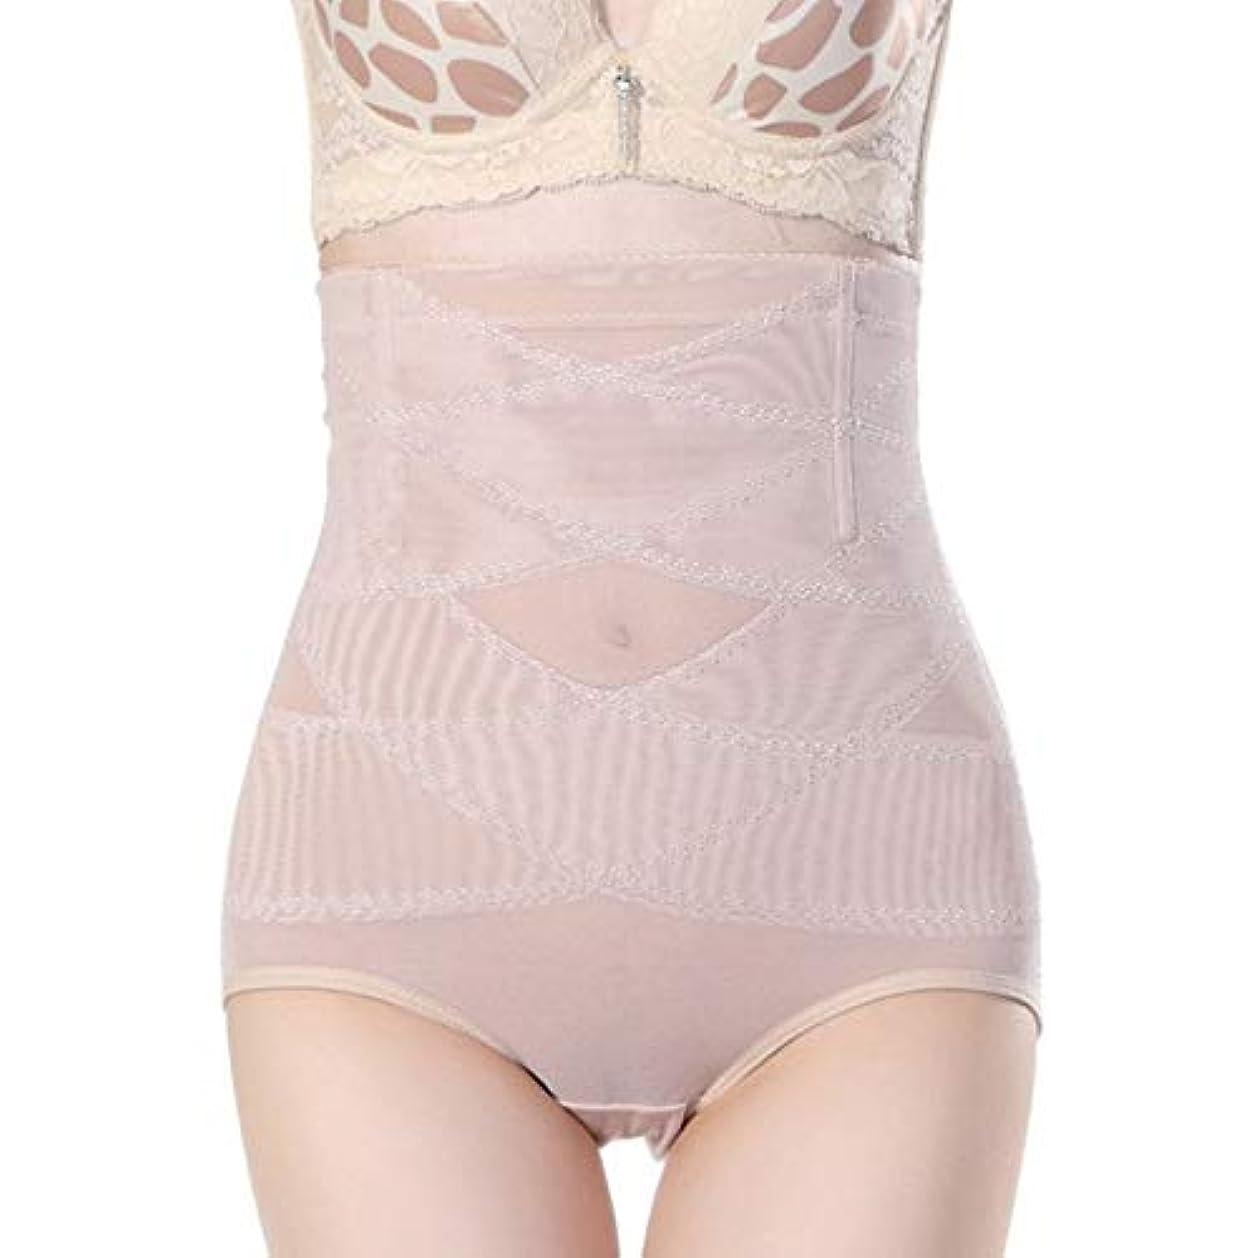 ブラウス批判的カール腹部制御下着シームレスおなかコントロールパンティーバットリフターボディシェイパーを痩身通気性のハイウエストの女性 - 肌色3 XL